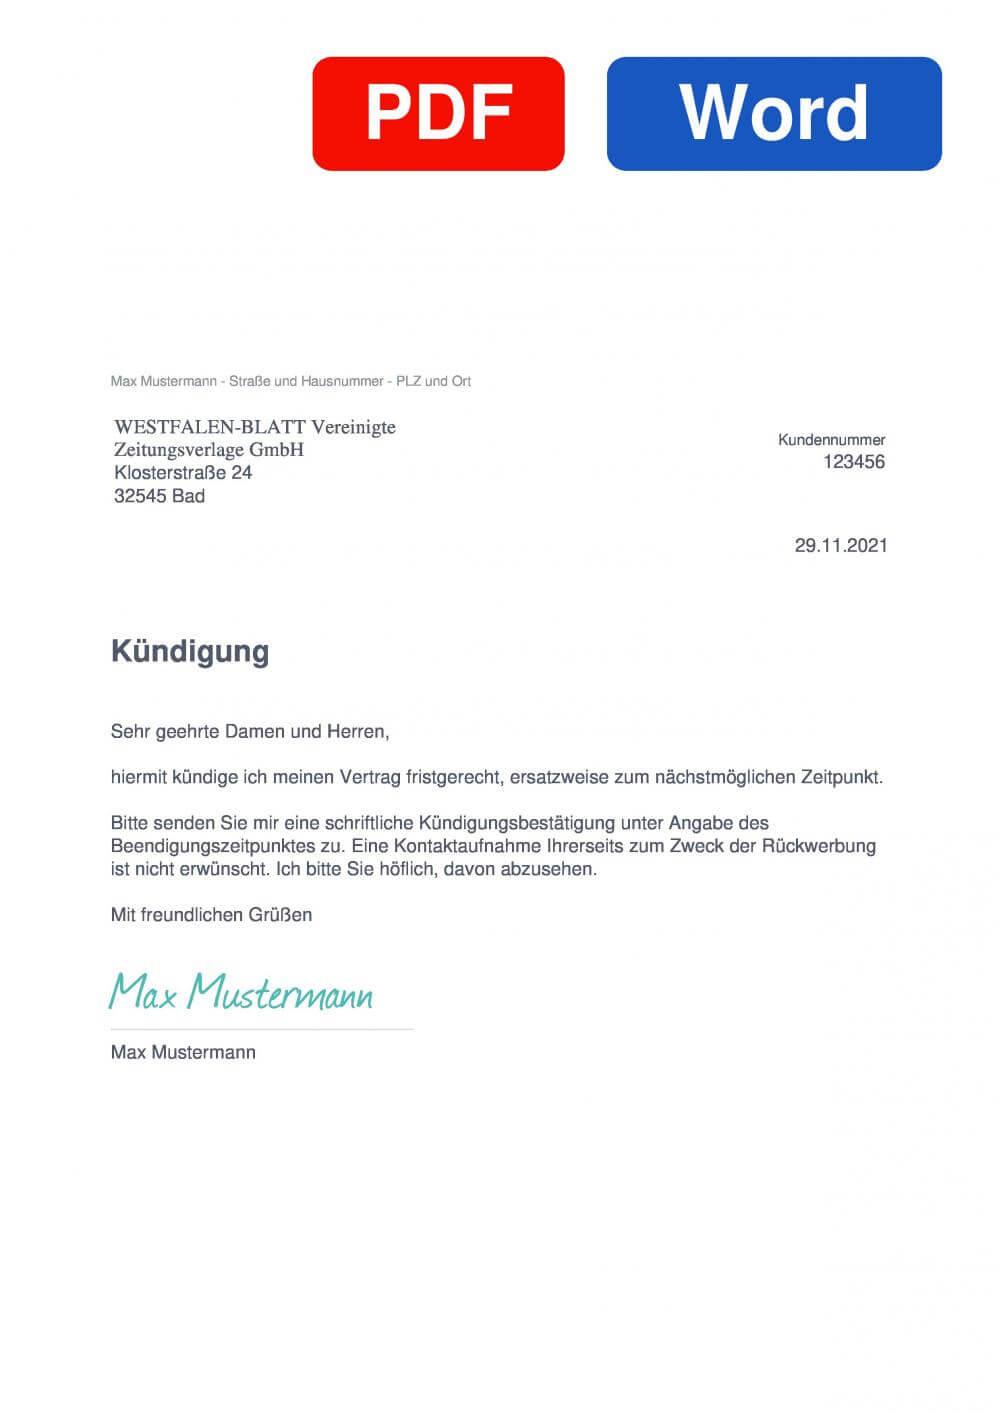 Westfalen Blatt Muster Vorlage für Kündigungsschreiben